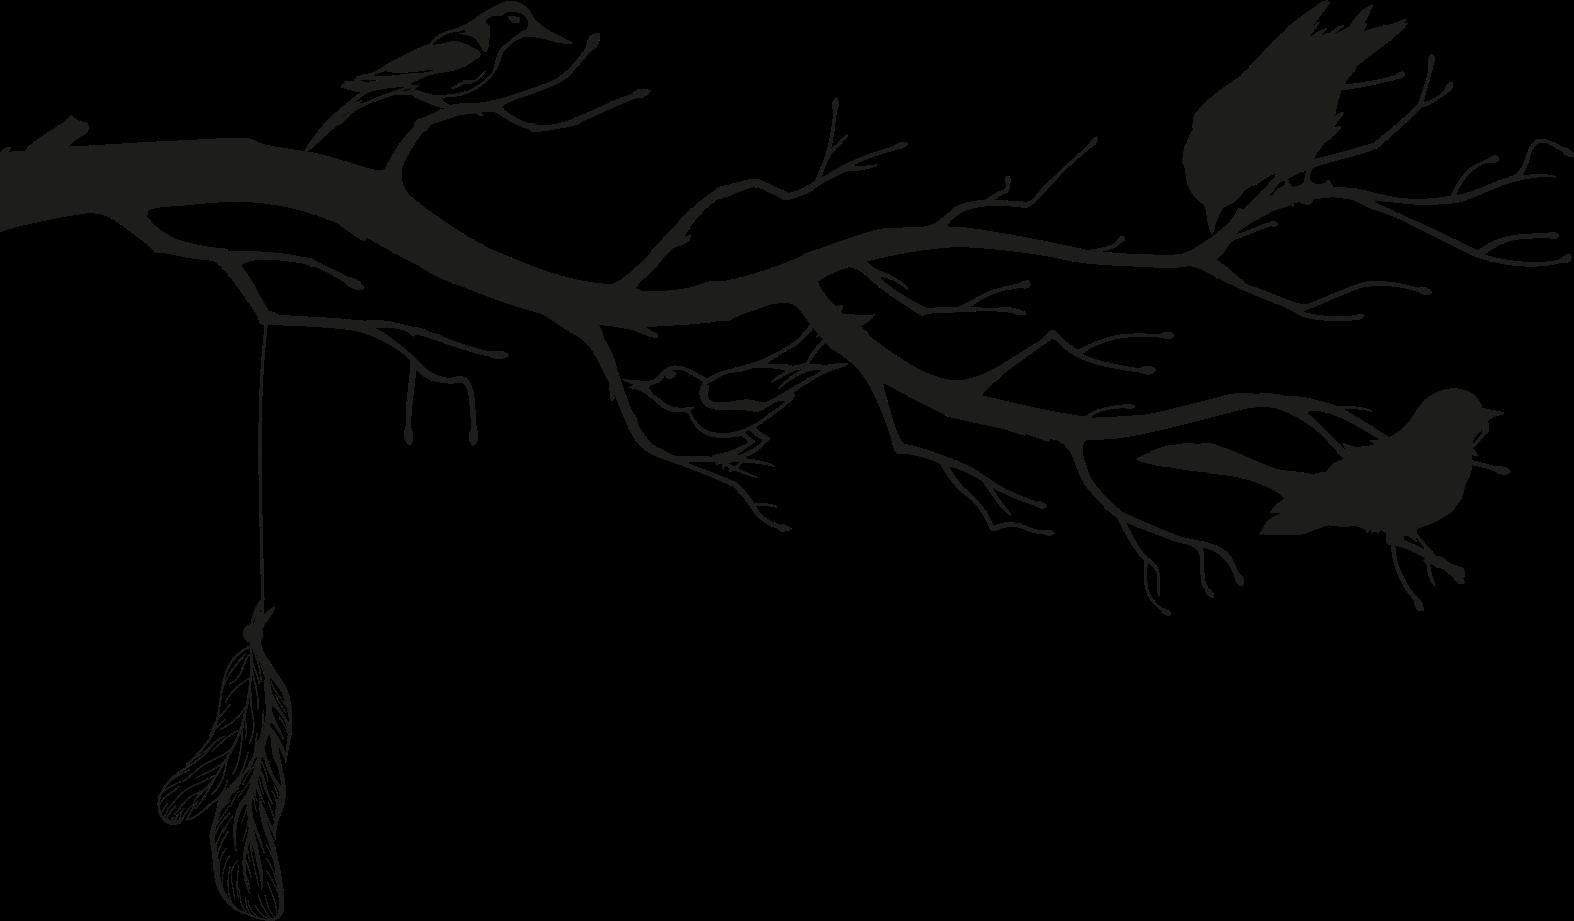 TenStickers. Sticker albero Albero e uccelli. Semplice albero decorativo con adesivo murale uccello che puoi posizionare su spazi piccoli o speciali in una casa o altri spazi per valorizzarla.